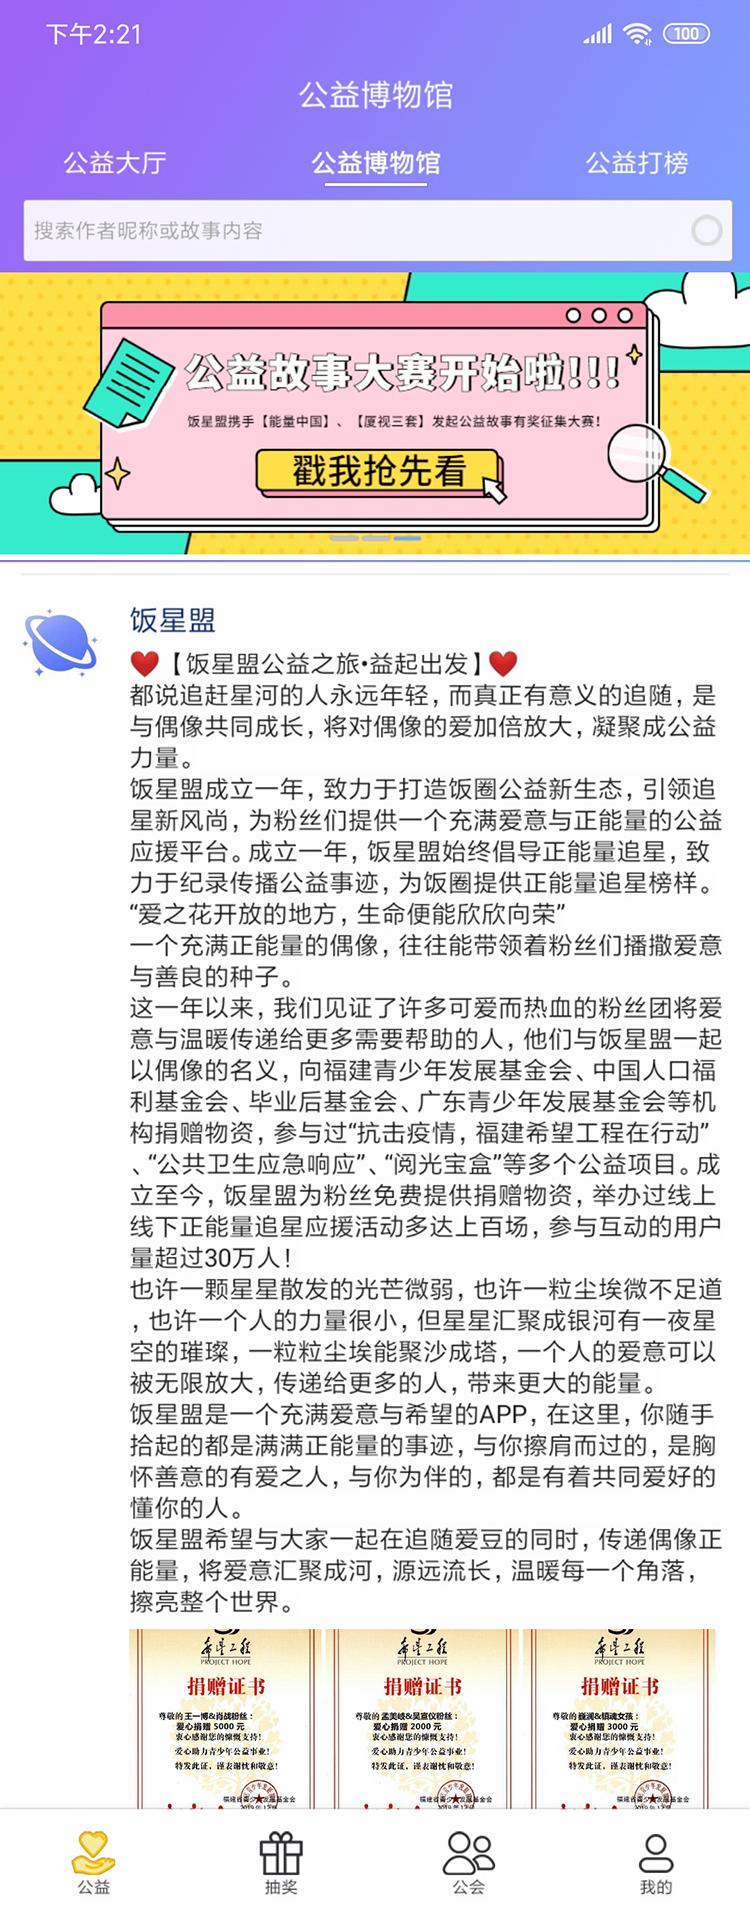 """饭星盟携手能量中国、厦视三套举办""""我们的公益故事""""大赛!"""